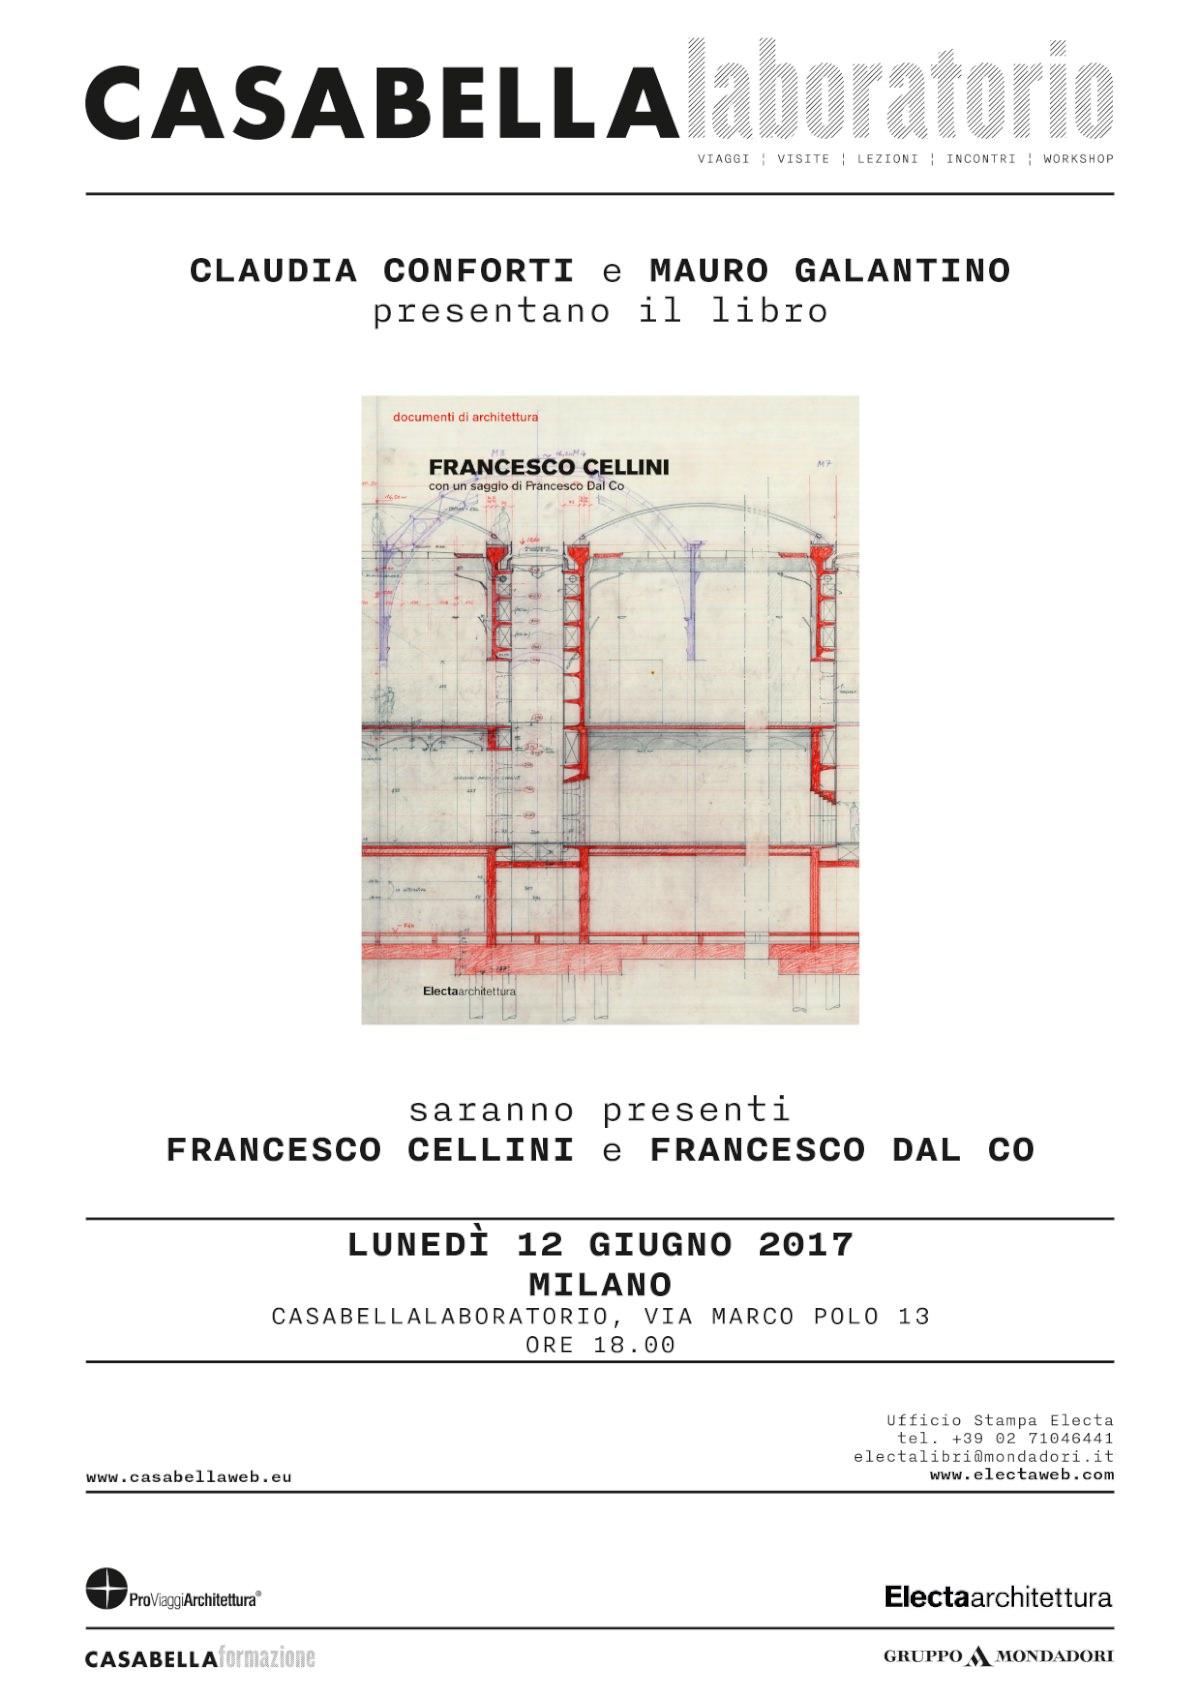 CBL 12 giugno 2017 Cellini